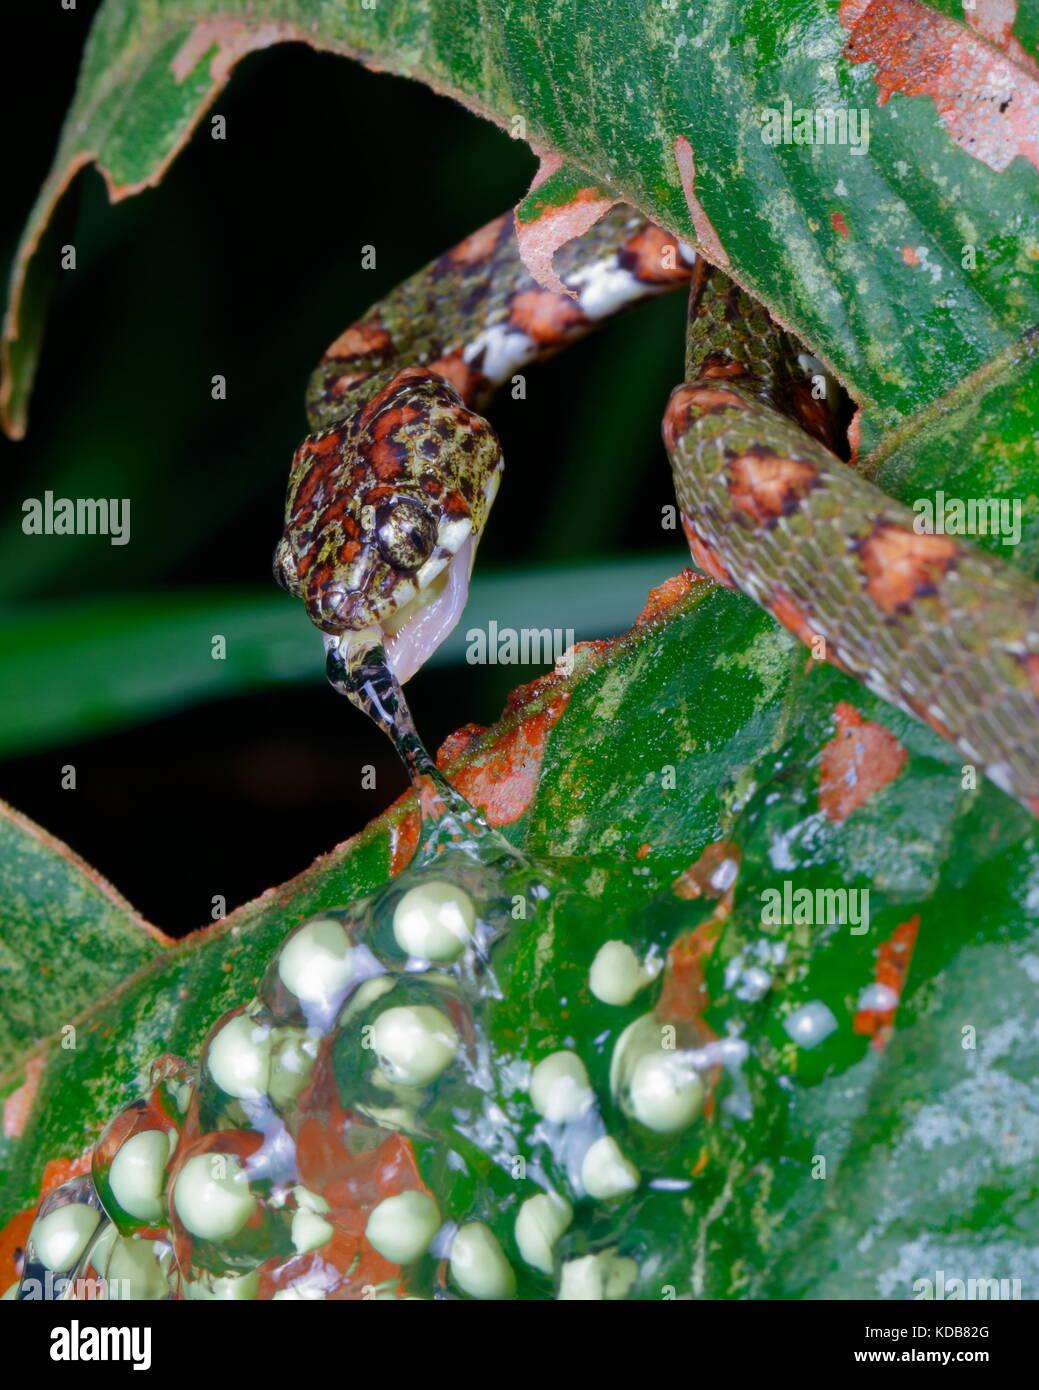 An Argus Snail Sucker,  Sibon argus, feeding on red eyed tree frog eggs. - Stock Image